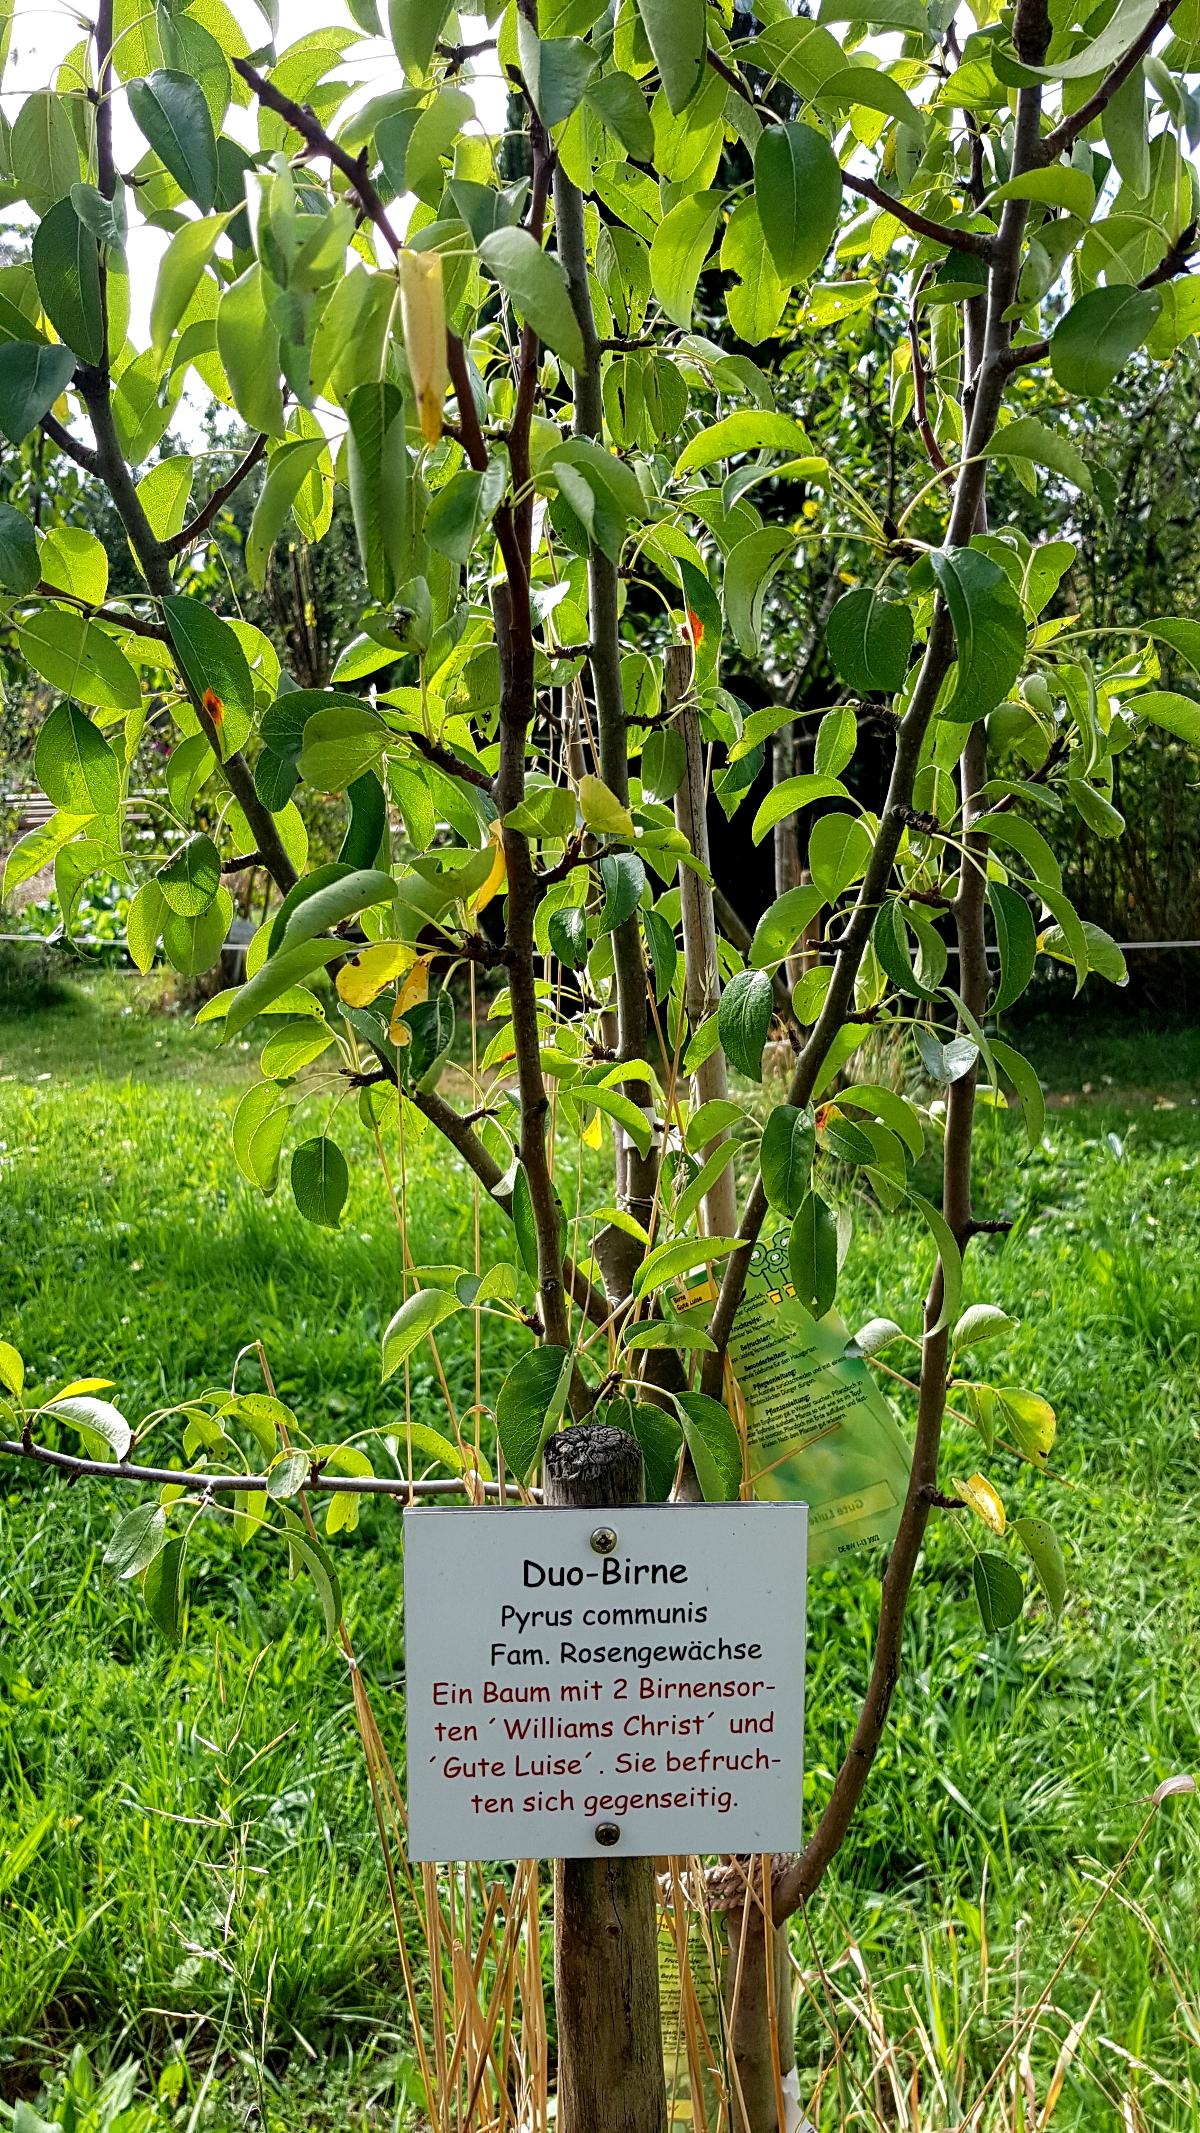 Birnbaum mit zwei Sorten, die sich gegenseitig befruchten